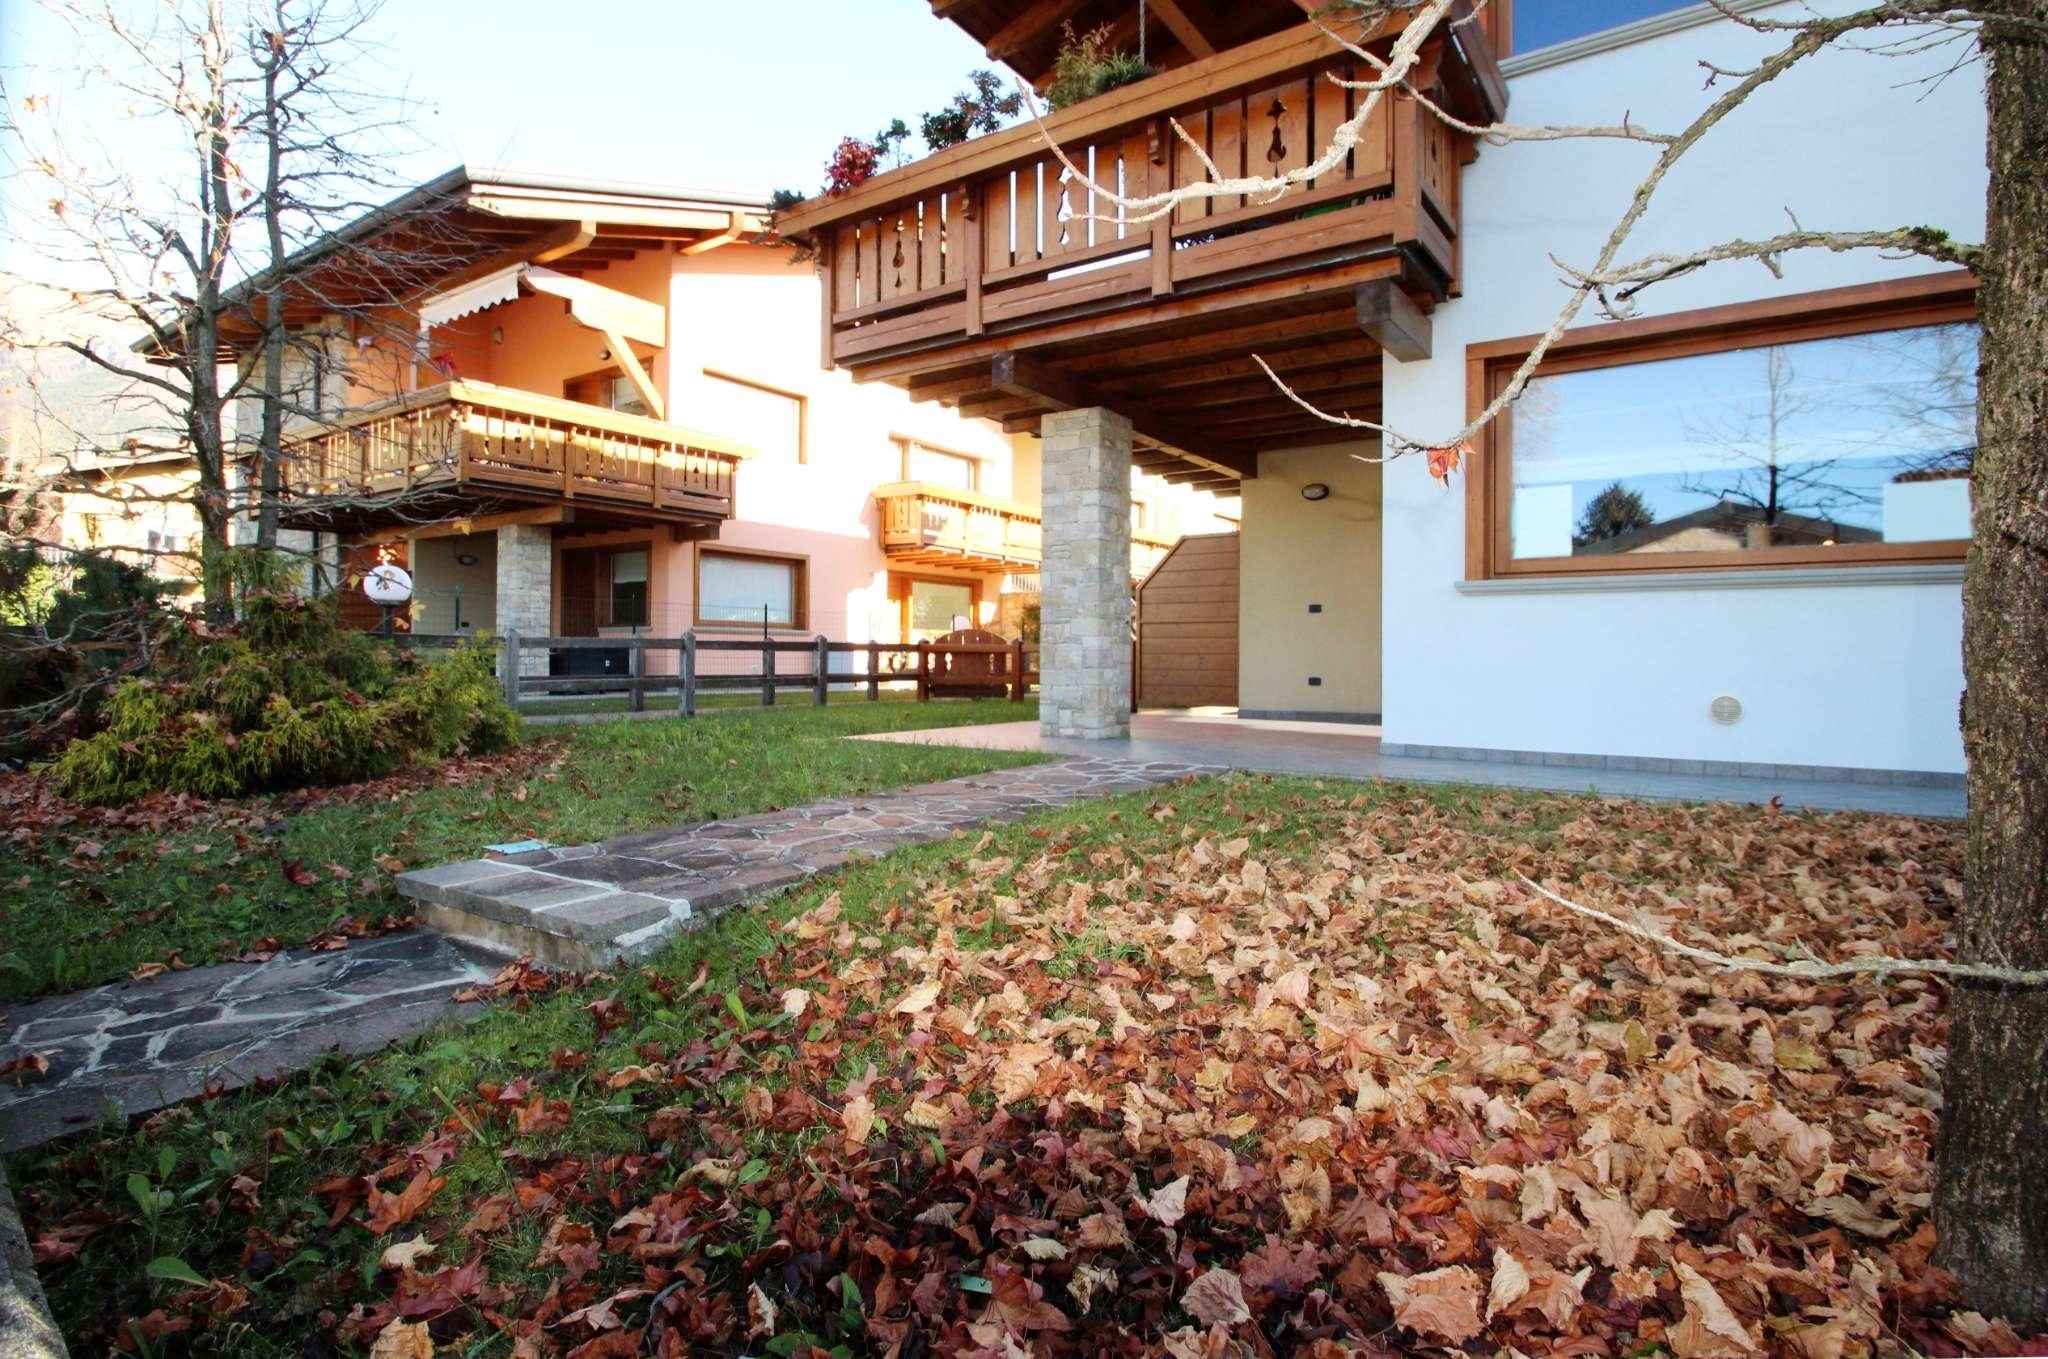 Appartamento in vendita a Rovetta, 5 locali, prezzo € 245.525 | CambioCasa.it